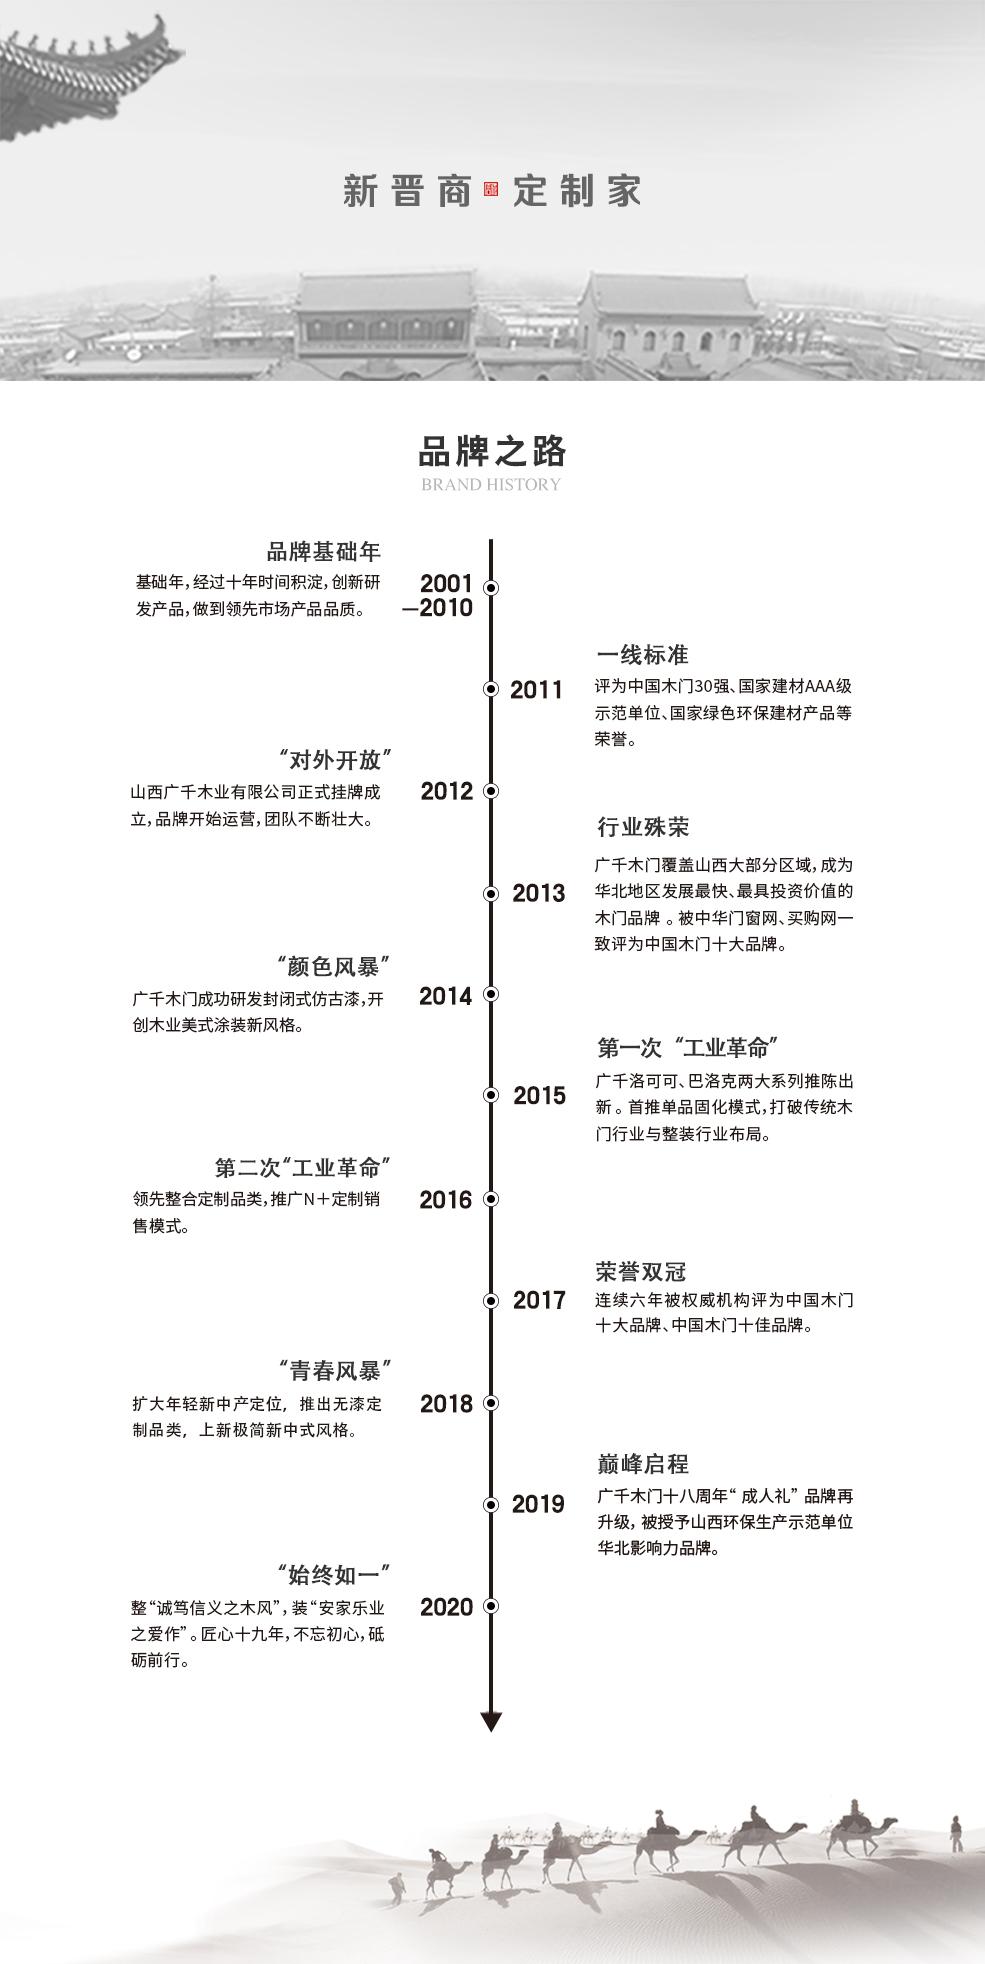 必威官网登陆官方网定制十大品牌加盟